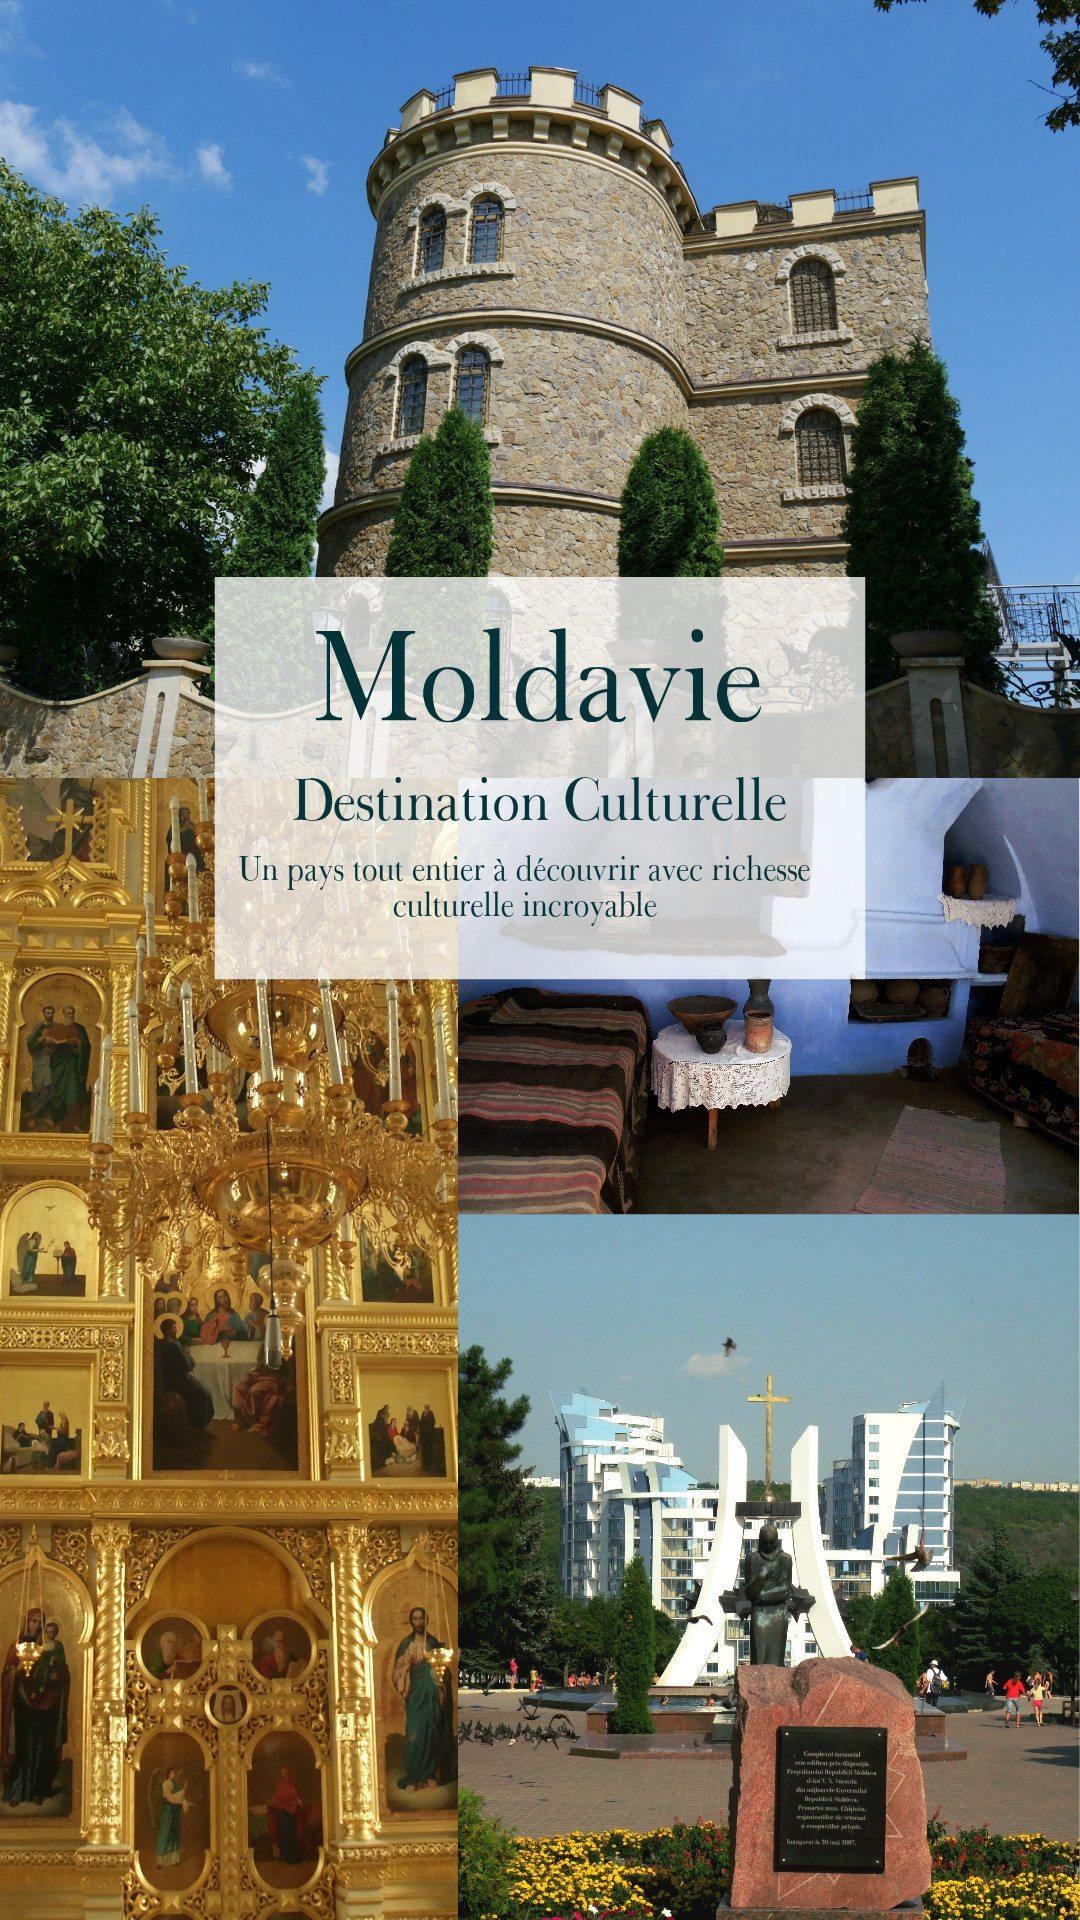 moldavie tourisme culturel